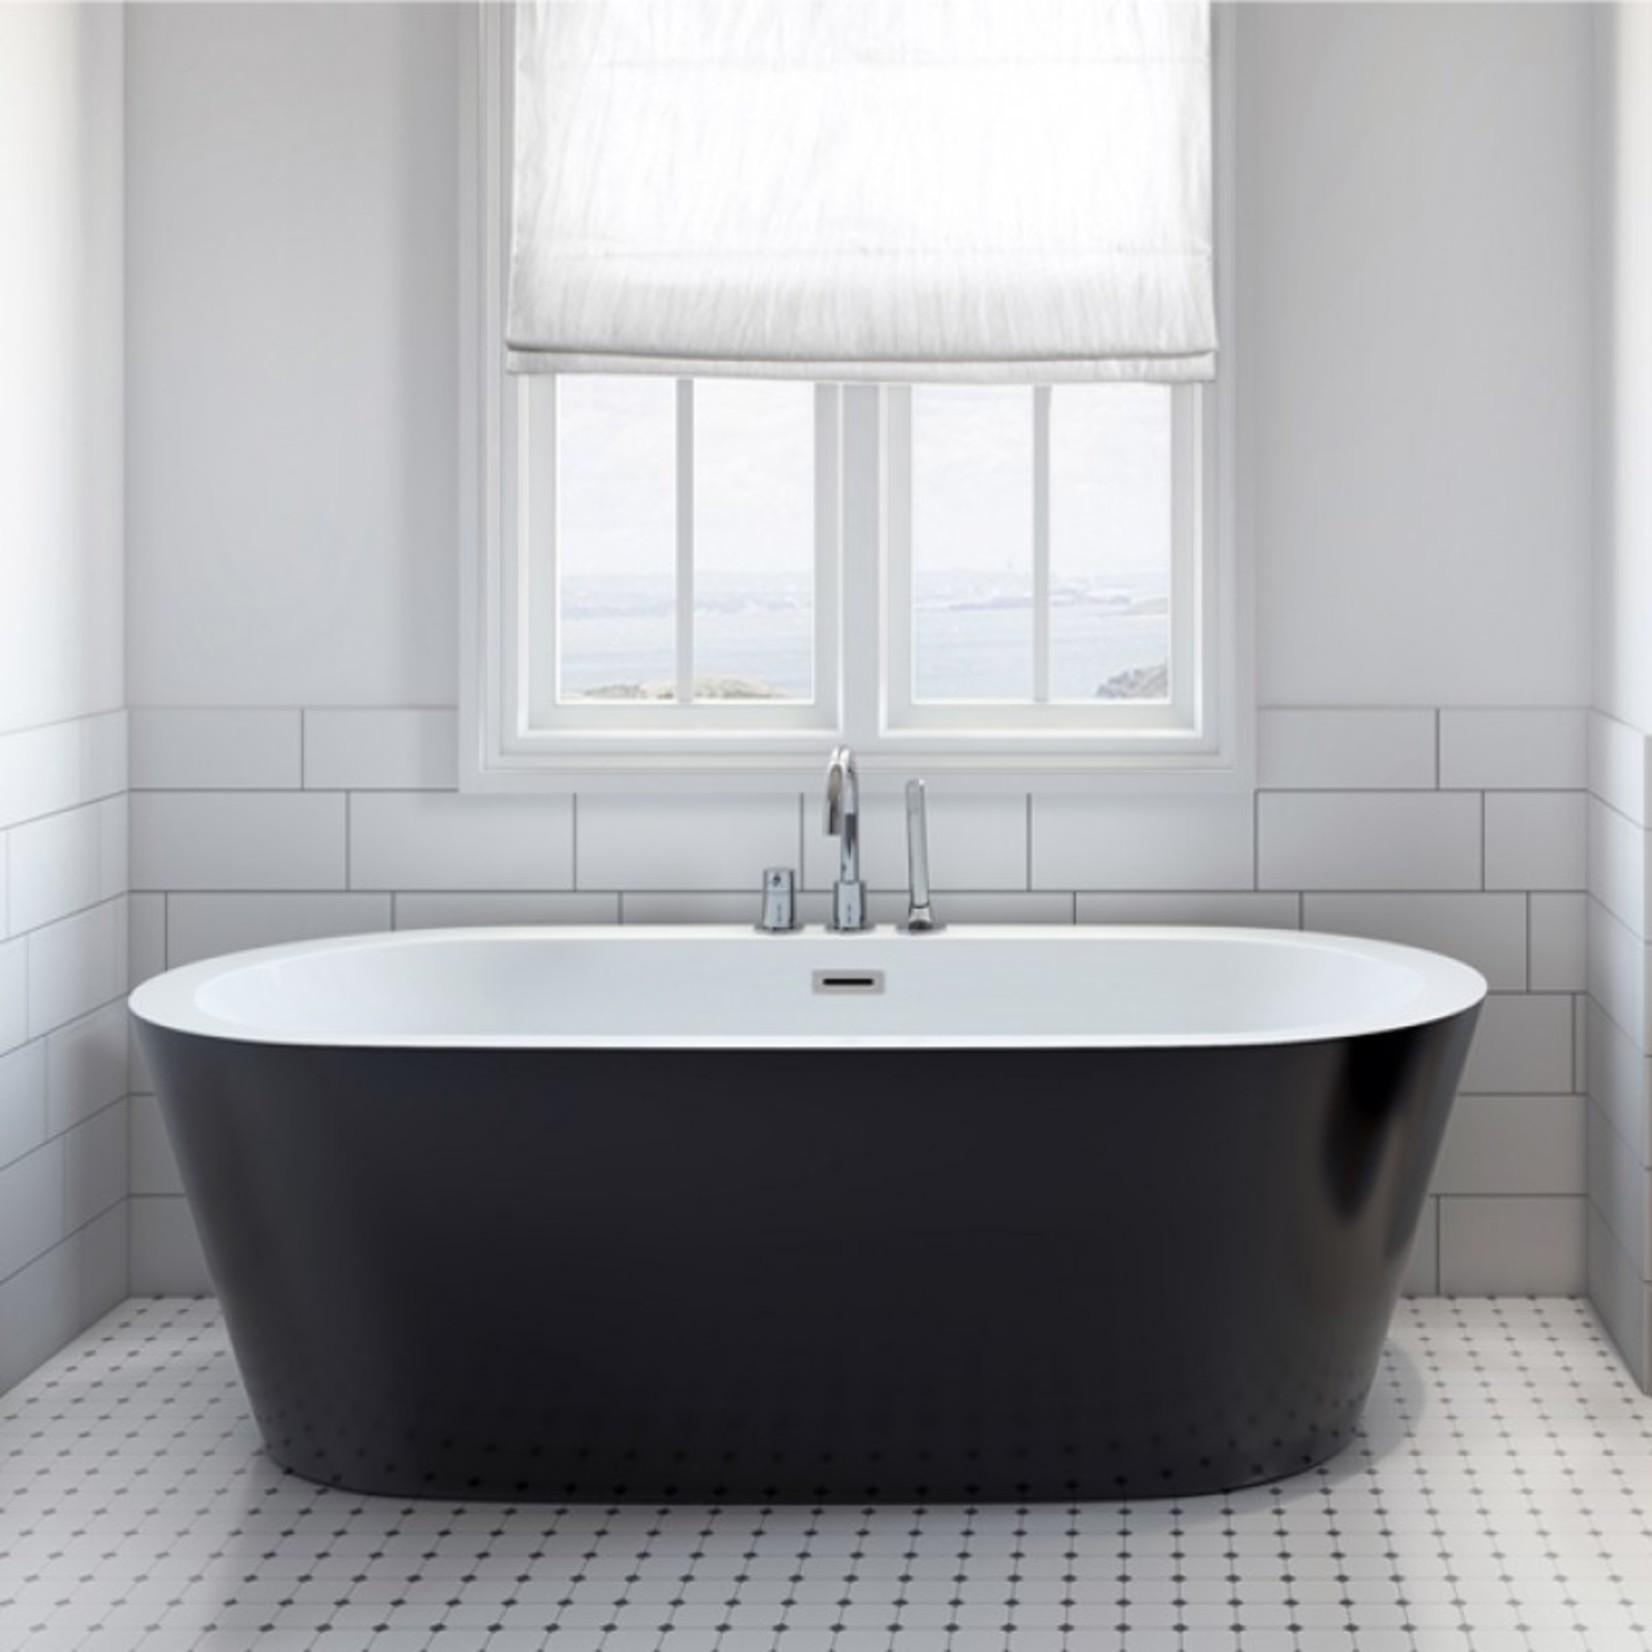 Artistic Bathtub Antonio